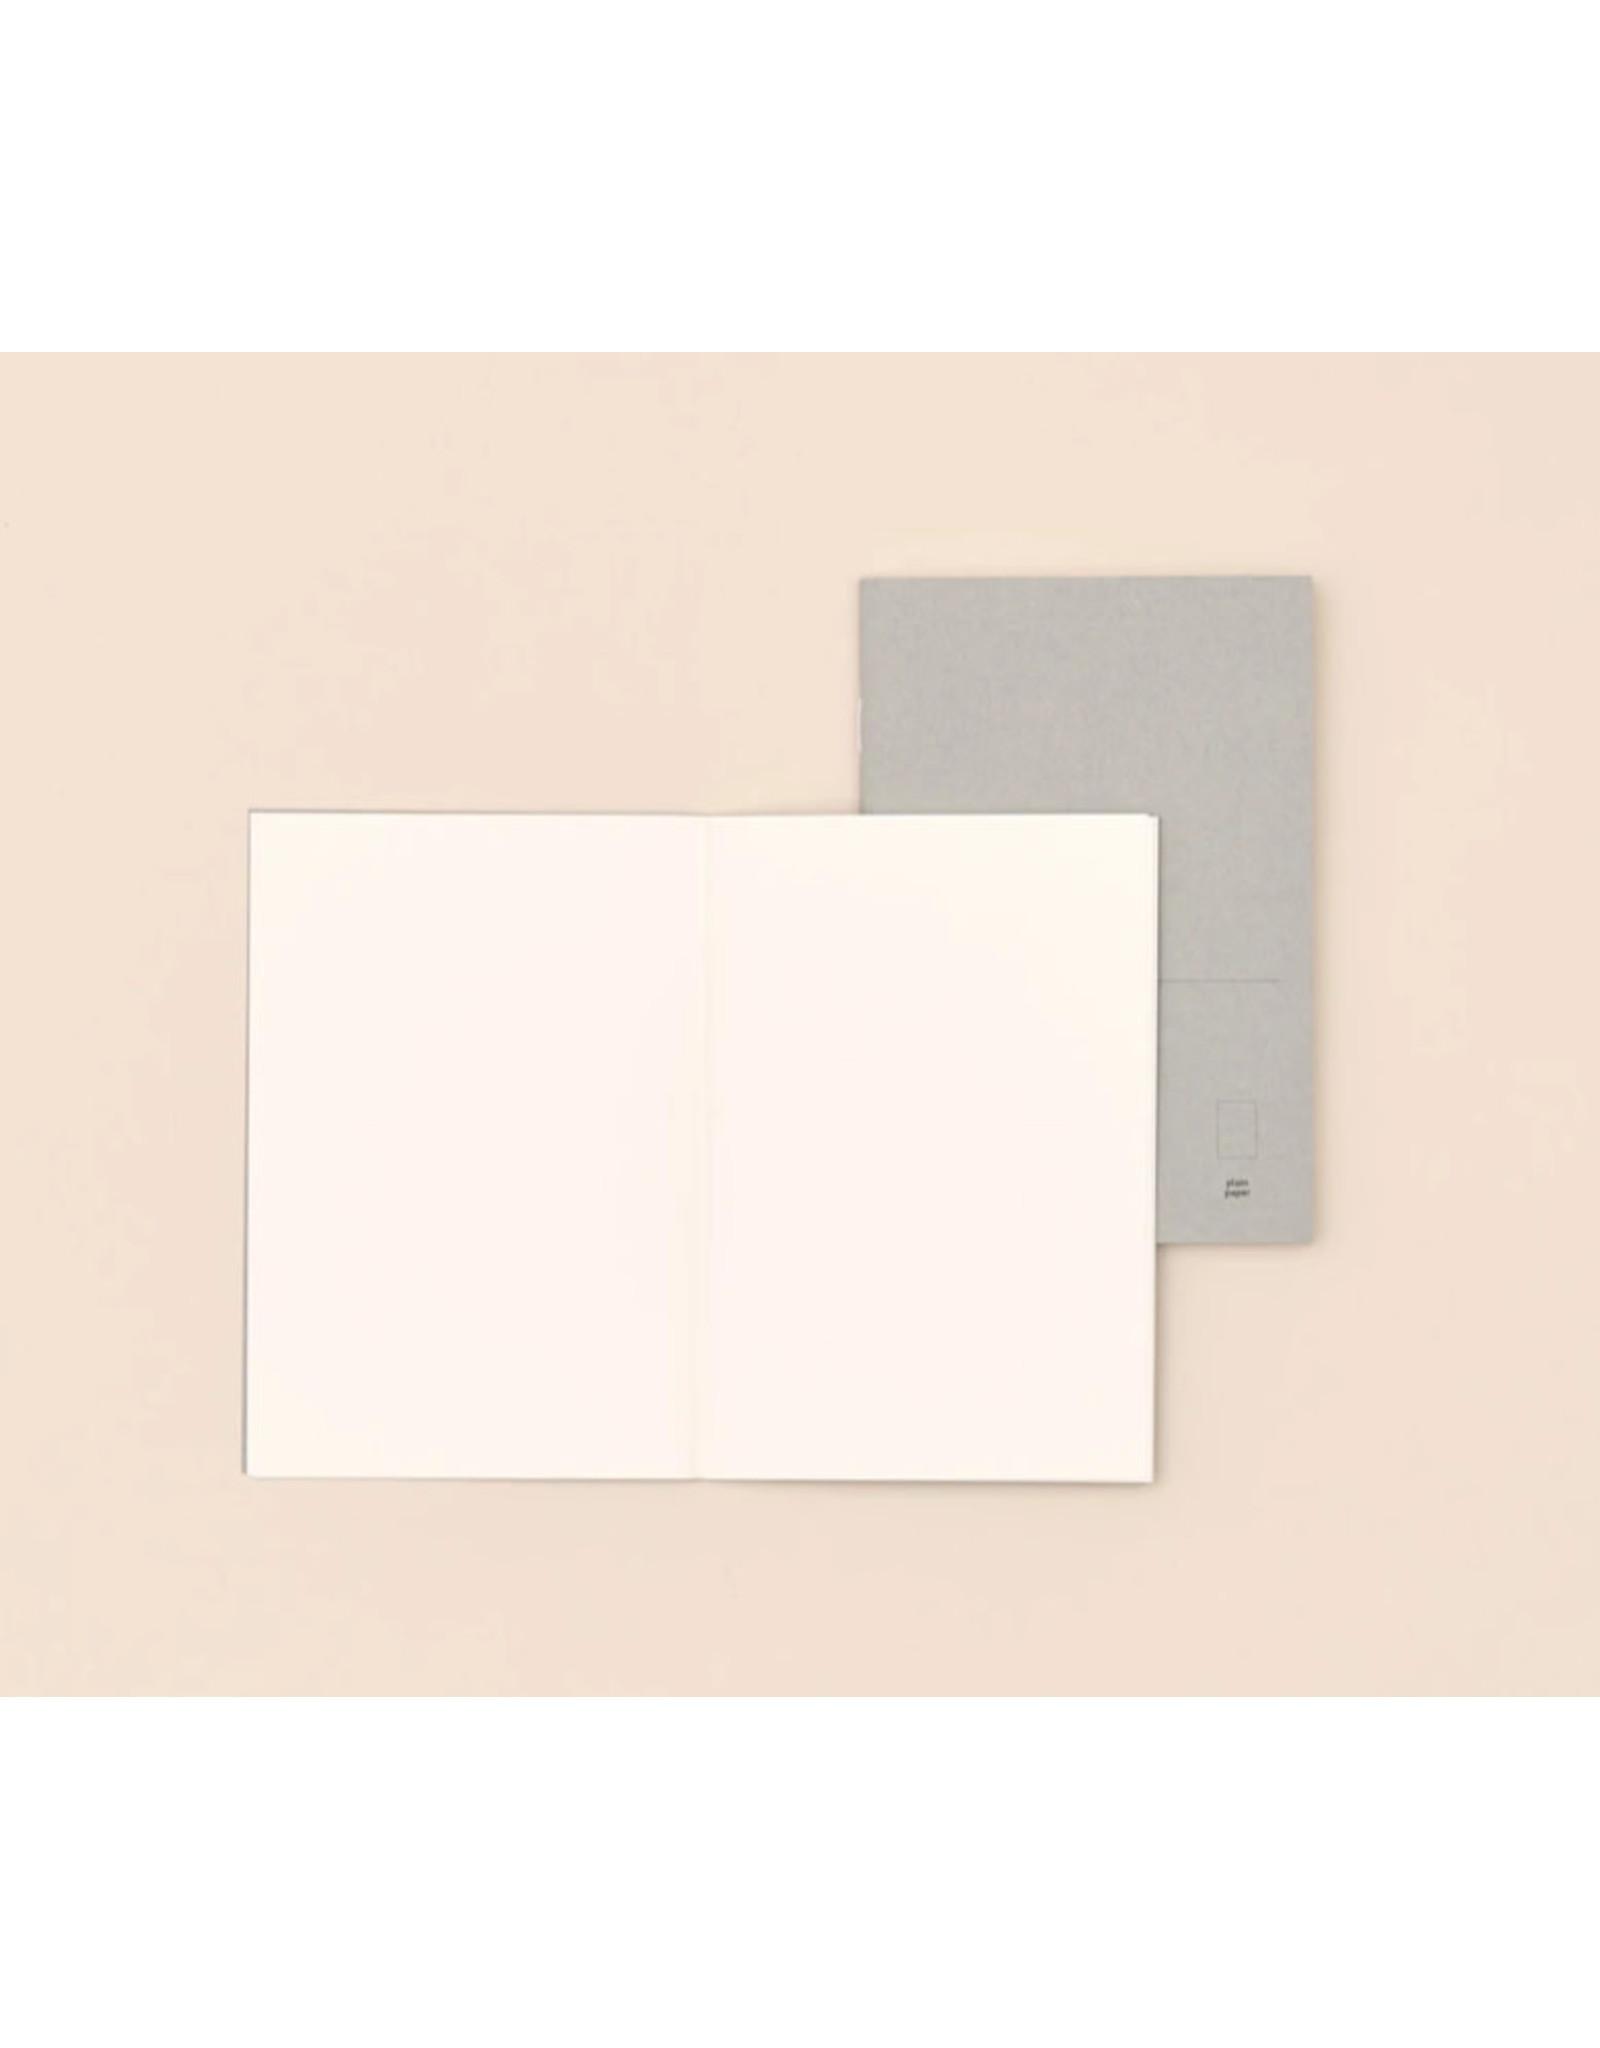 Paper republic Notebook XL - Plain -  14 x 20 - 48 pages